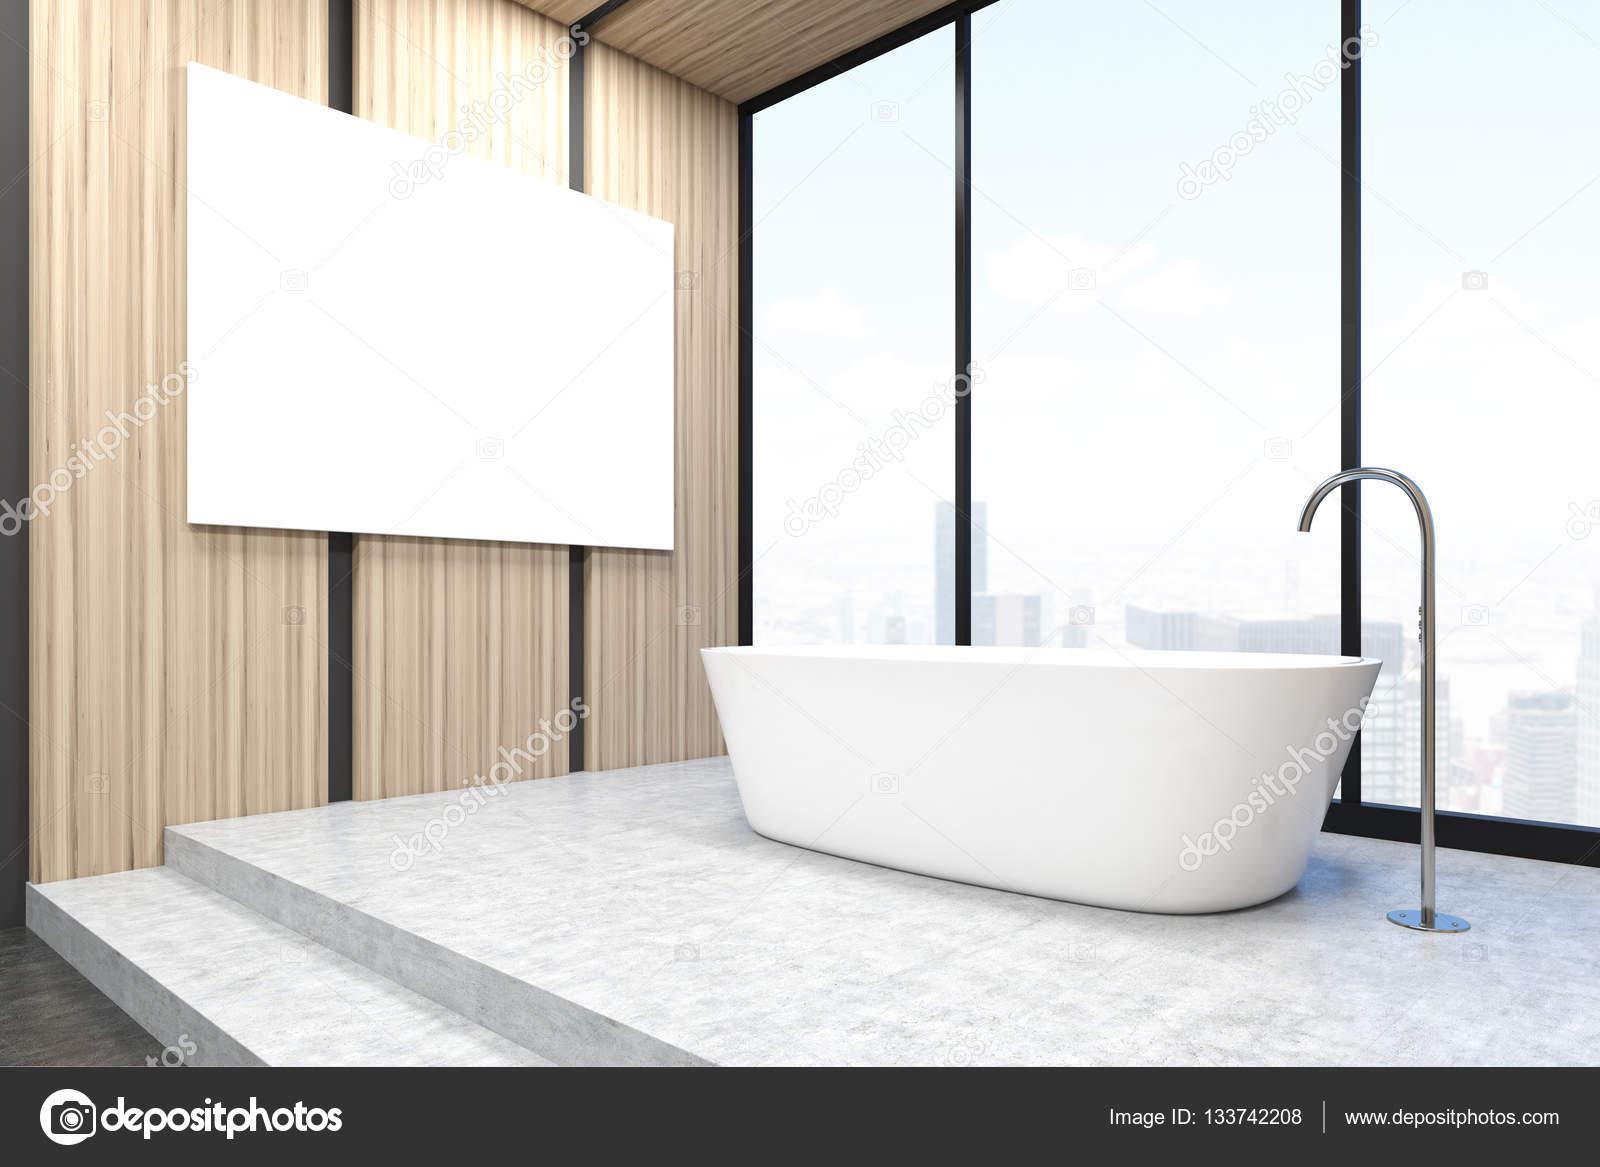 https://st3.depositphotos.com/2673929/13374/i/1600/depositphotos_133742208-stockafbeelding-badkamer-hoek-met-een-poster.jpg